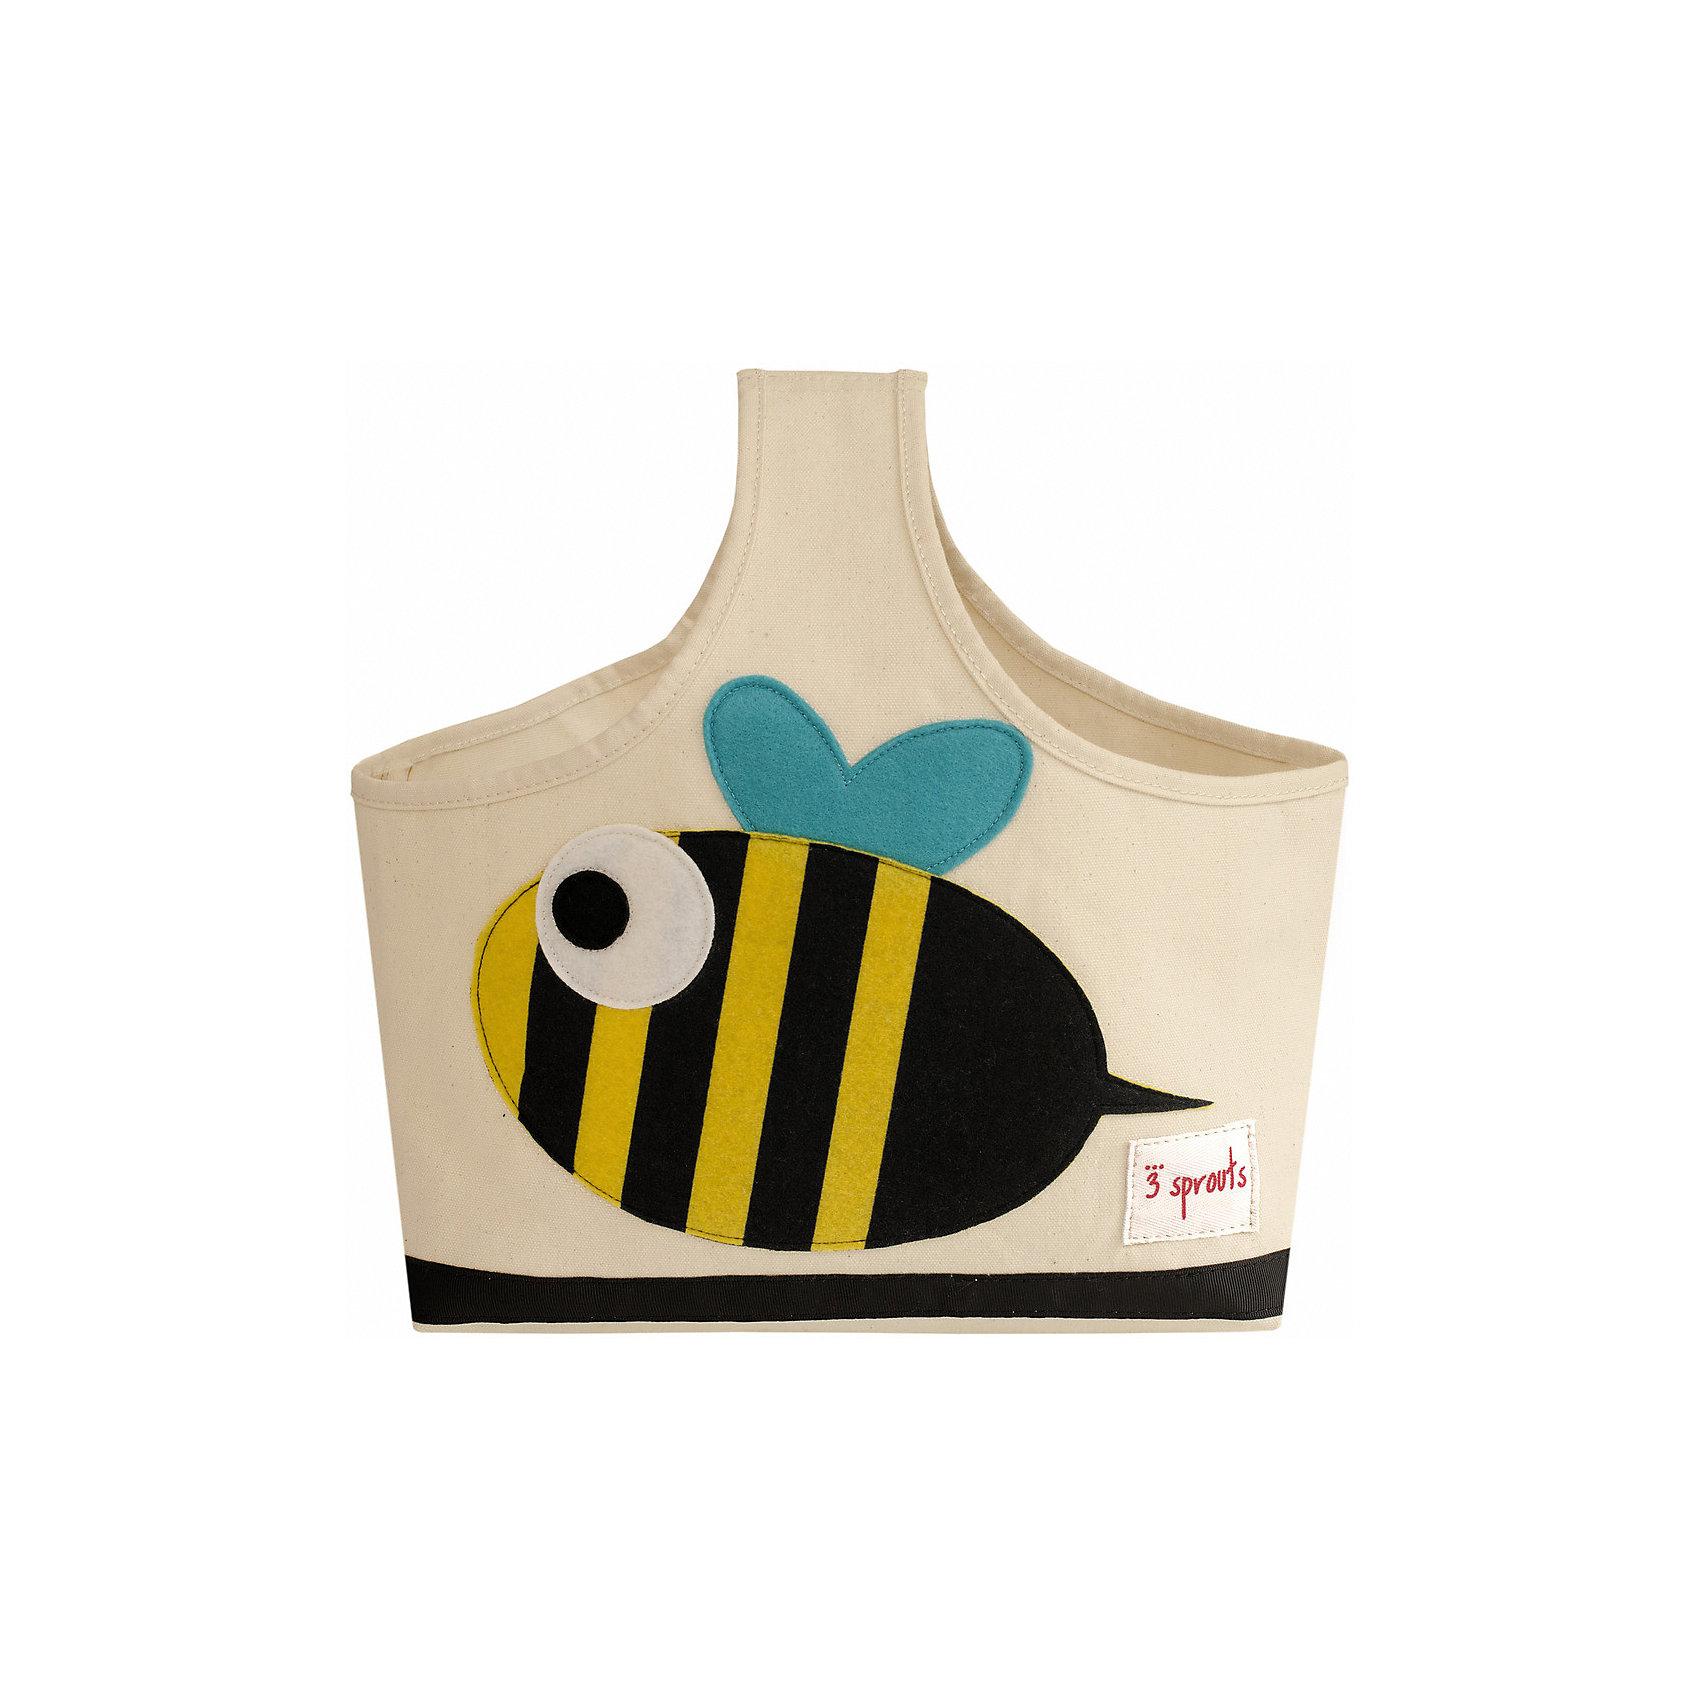 Сумочка для хранения детских принадлежностей Пчёлка (Black&amp;Yellow Bee), 3 SproutsПорядок в детской<br>Яркая сумочка - это идеальное решение для хранения детских принадлежностей. Изготовленная из хлопкового брезента и фетра, она является прекрасным контейнером для хранения и переноски любых детских принадлежностей.<br><br>Дополнительная информация:<br><br>- Размер: 38x30x14 см.<br>- Материал: хлопок, фетр, полиэстер.<br>- Орнамент: Пчелка.<br><br>Купить сумочку для хранения детских принадлежностей Пчелка (Black&amp;Yellow Bee), можно в нашем магазине.<br><br>Ширина мм: 320<br>Глубина мм: 240<br>Высота мм: 20<br>Вес г: 234<br>Возраст от месяцев: 6<br>Возраст до месяцев: 84<br>Пол: Унисекс<br>Возраст: Детский<br>SKU: 5098230